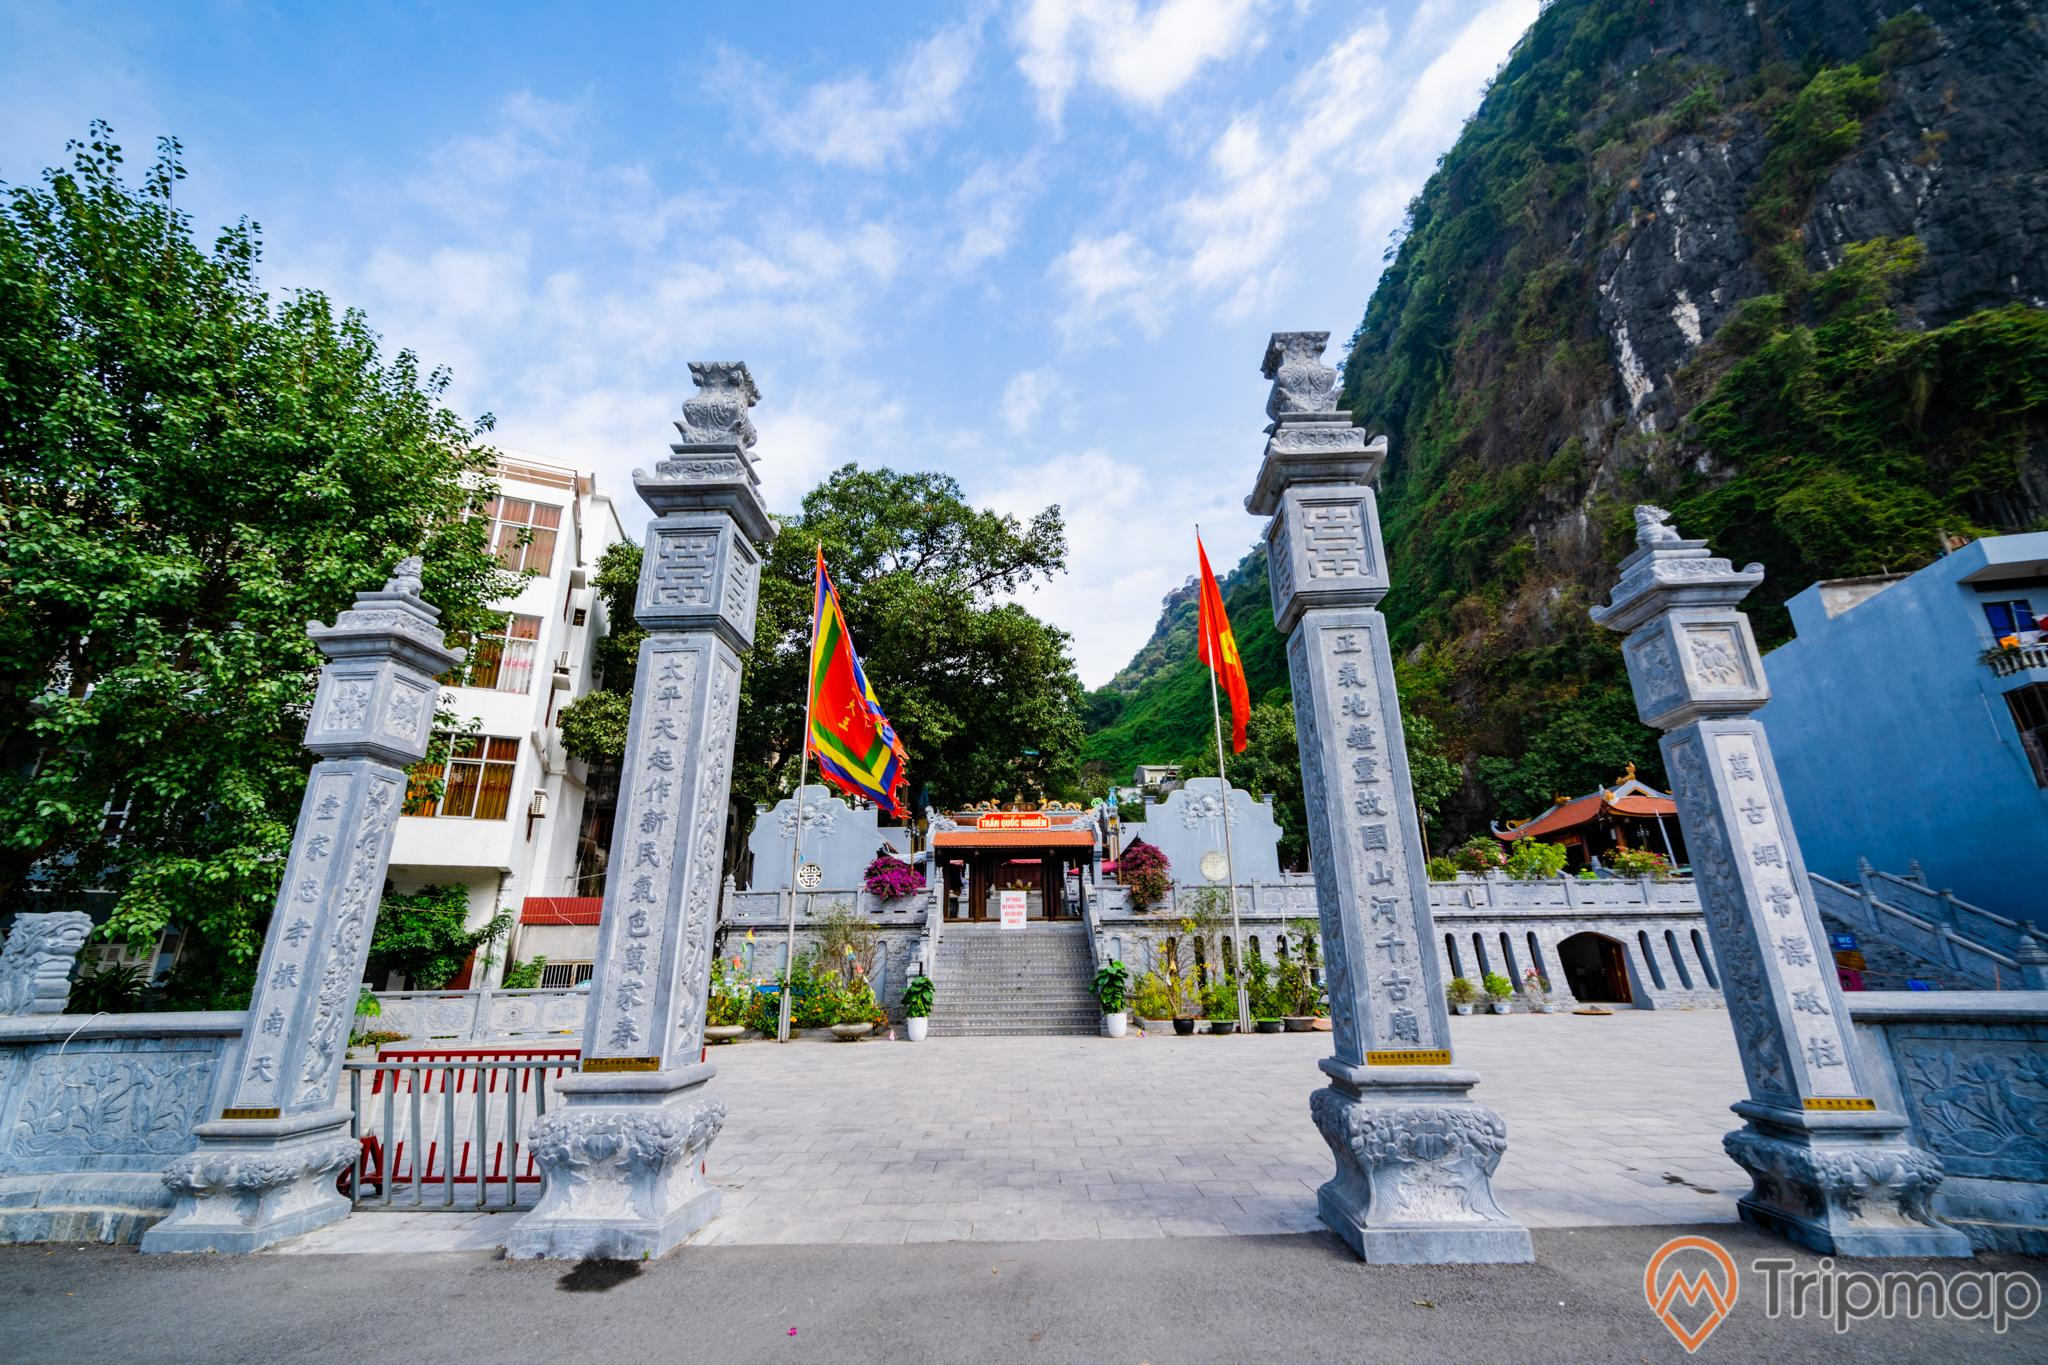 Đền thờ Đức Ông Trần Quốc Nghiễn, nhiều cây cột đá có chữ hán, nền đường màu xám, lá cờ việt nam, nhiều cây xanh, ngọn núi đá to có cây xanh bên cạnh, trời xanh nhiều mây, ảnh chụp ban ngày